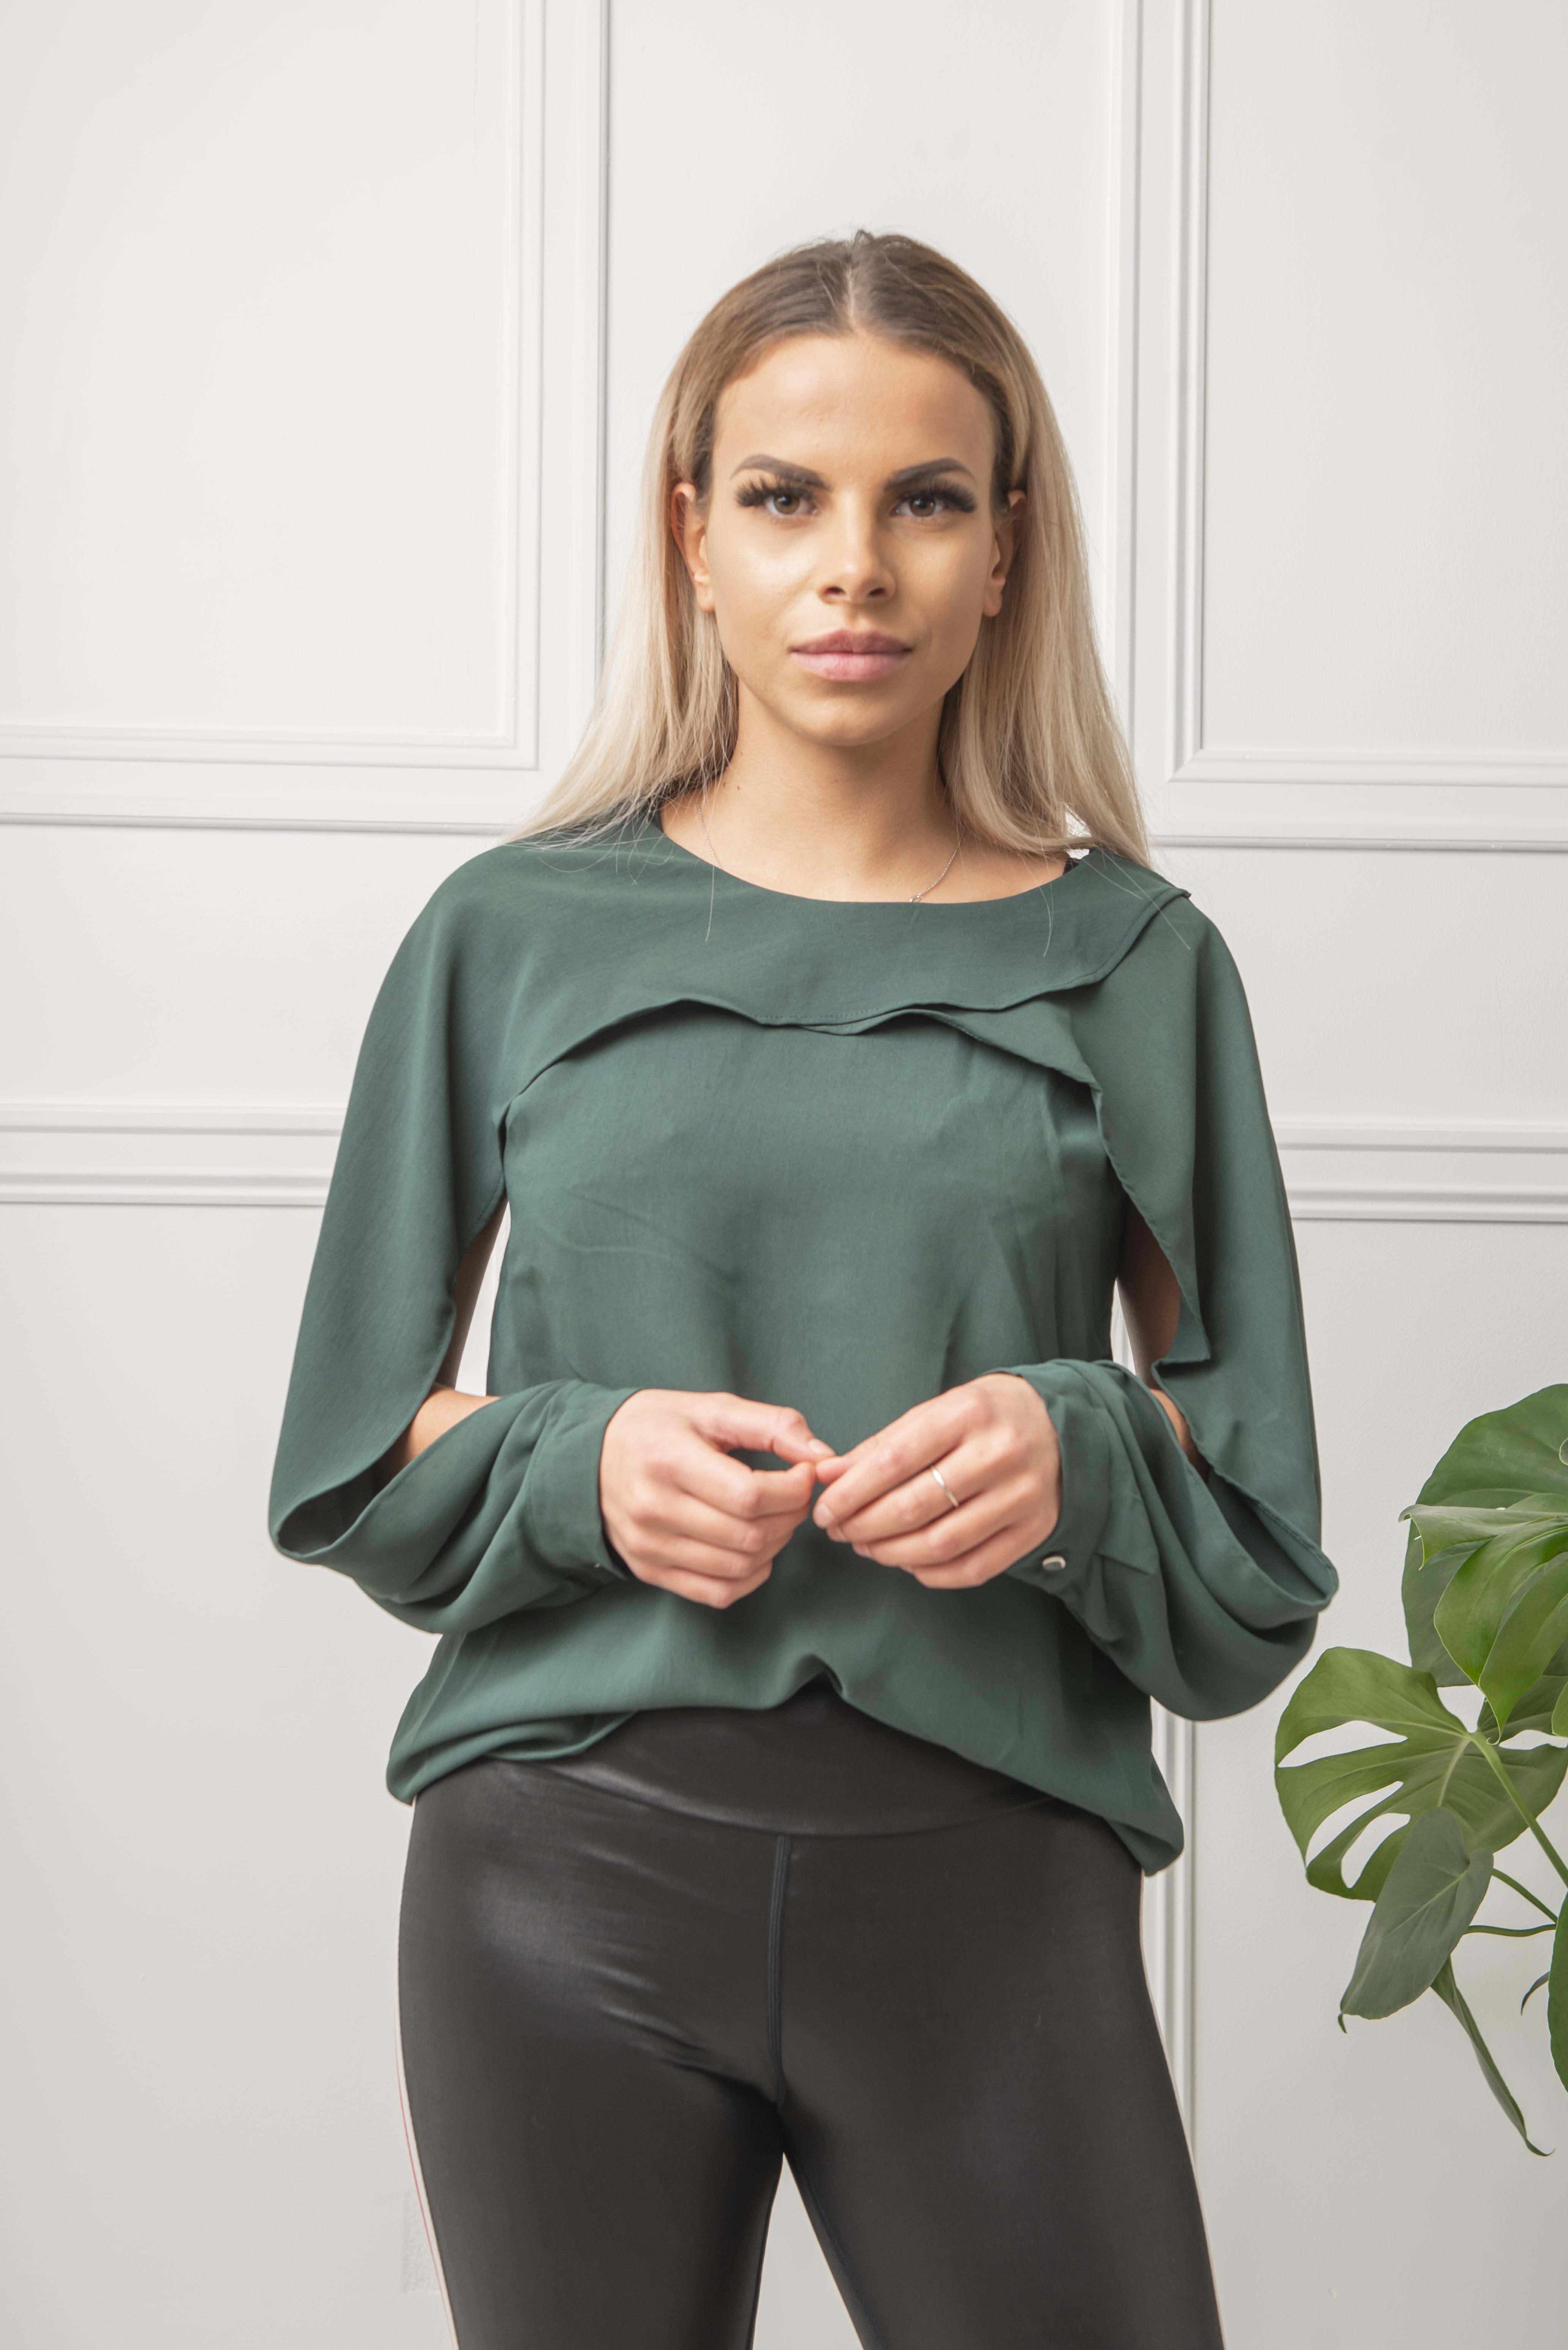 047b8a27 Motehus AS - Skjorte - Alma grønn